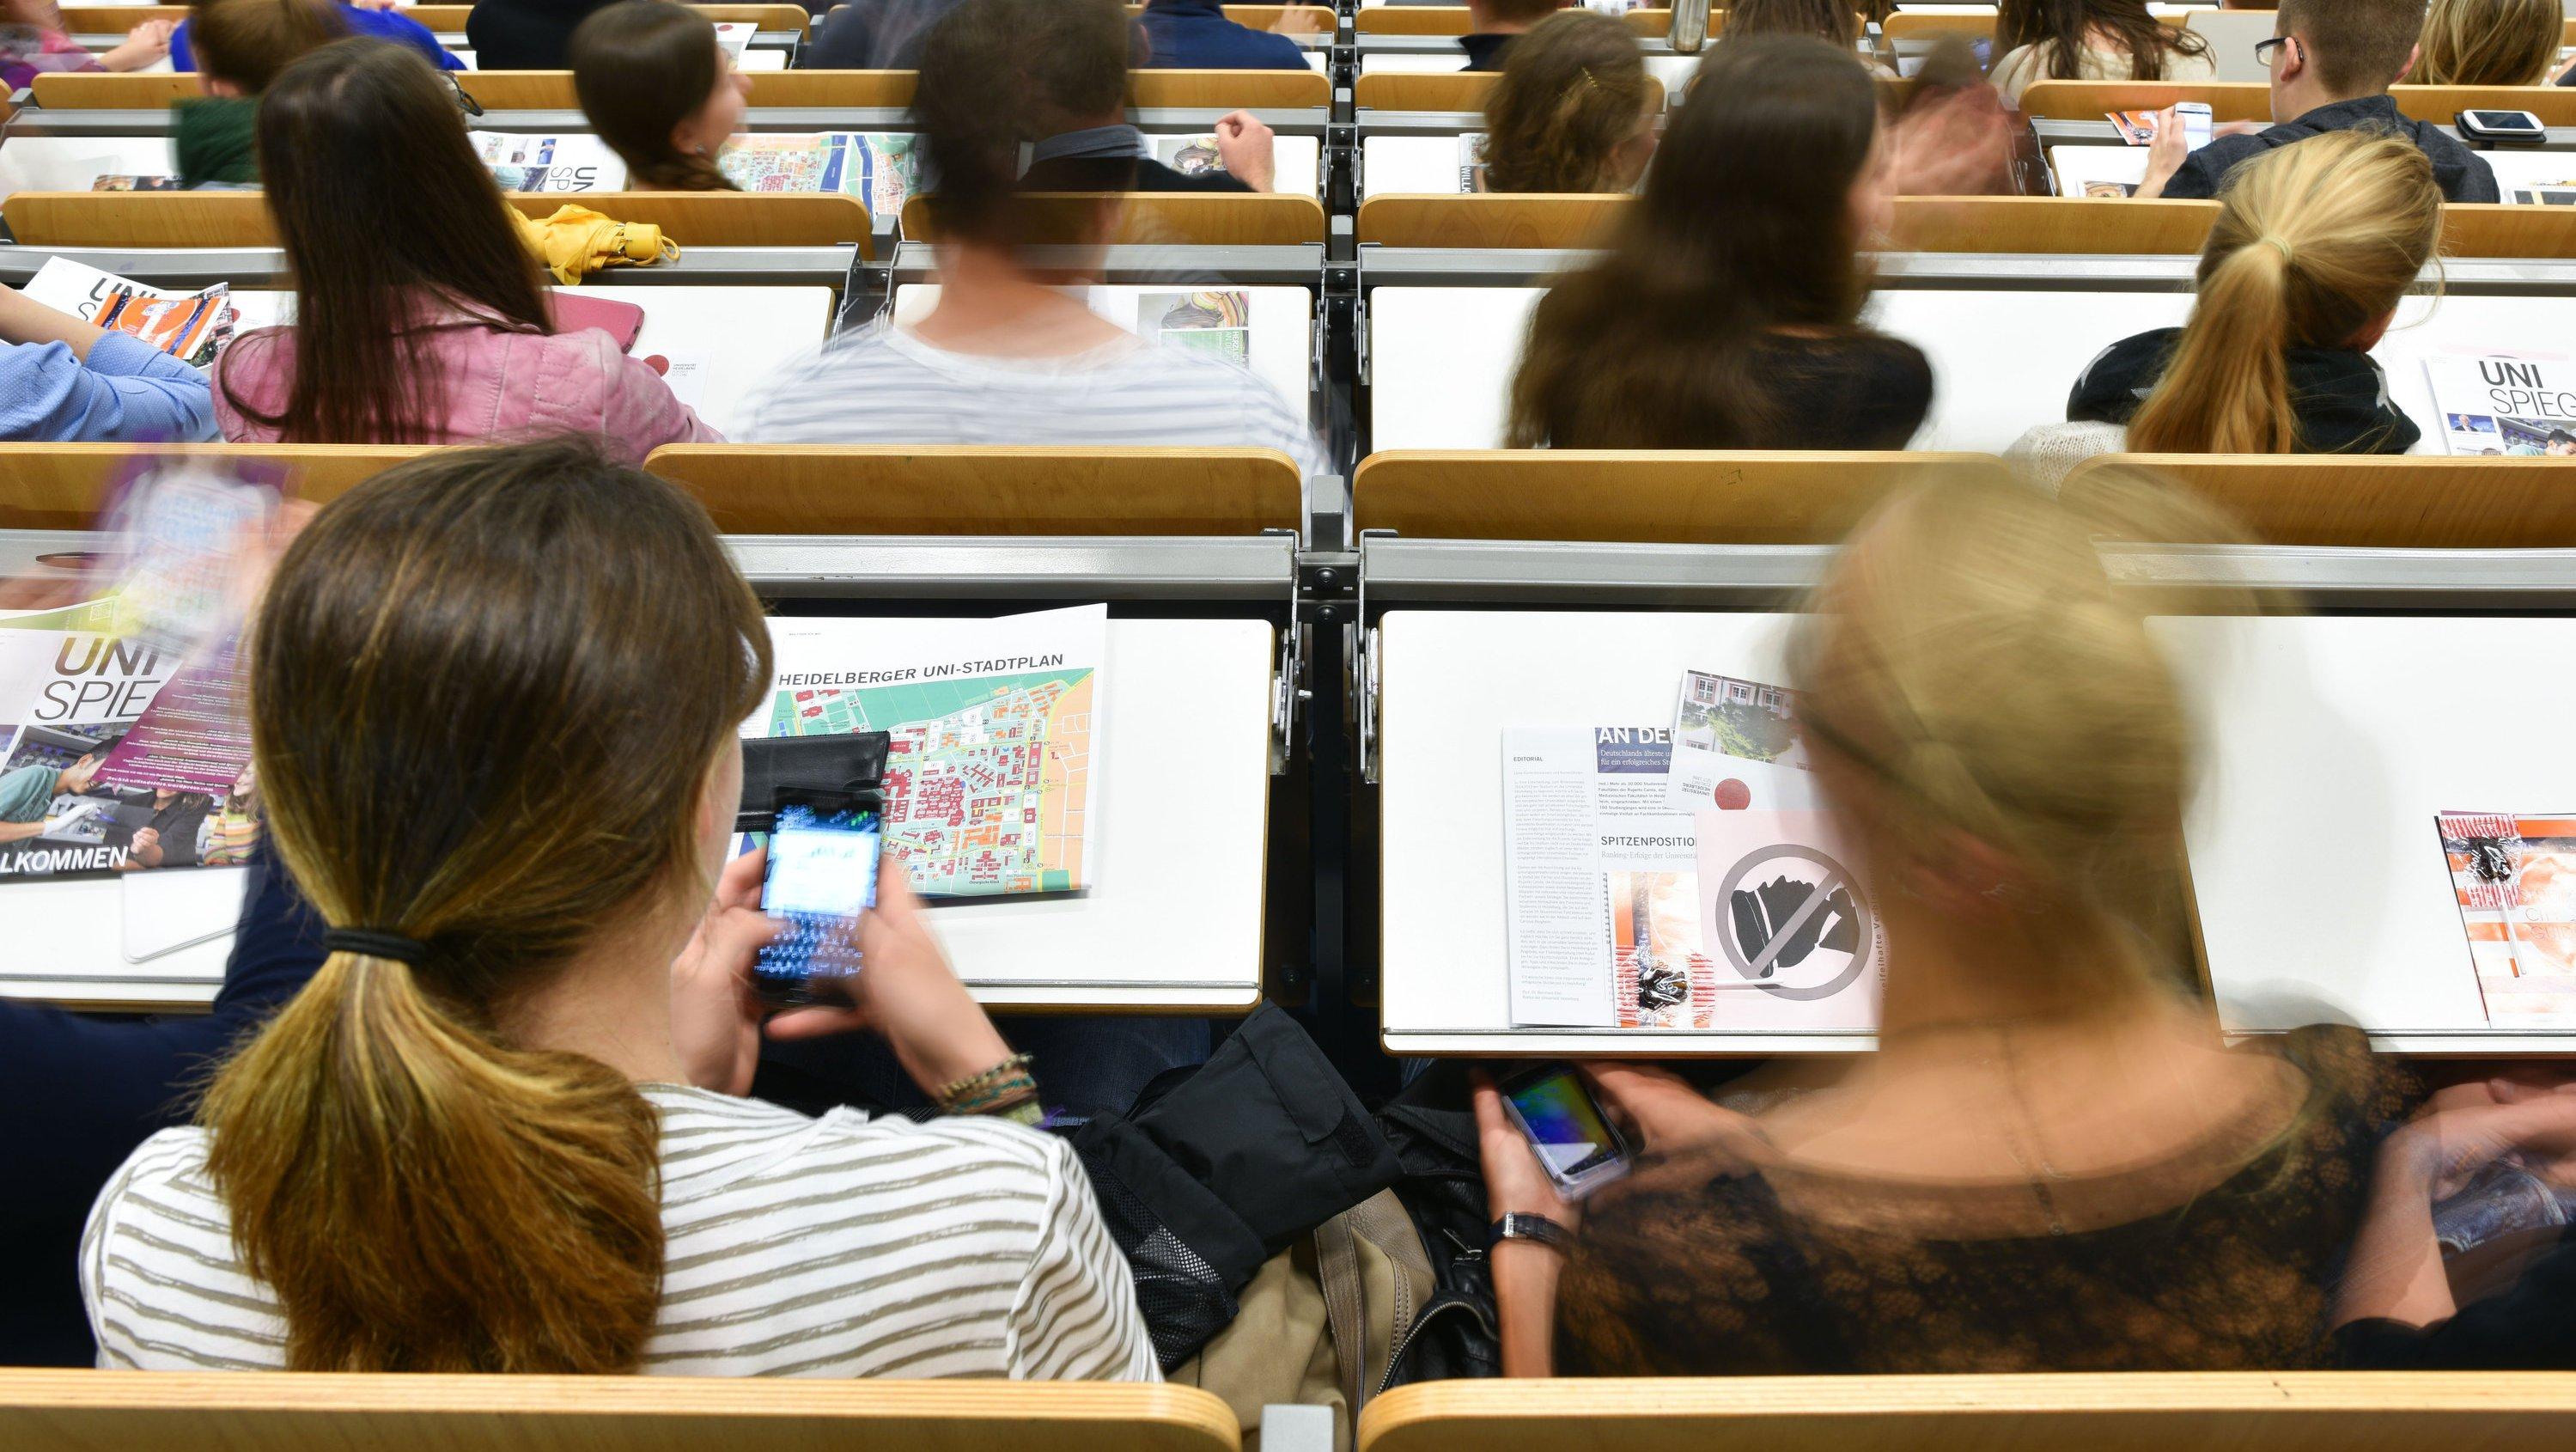 Studentinnen im Hörsaal: 121.675 Frauen studieren derzeit Ingenieurwissenschaften. Der beliebteste Studiengang ist der Maschinenbau mit 39.980 Studentinnen.